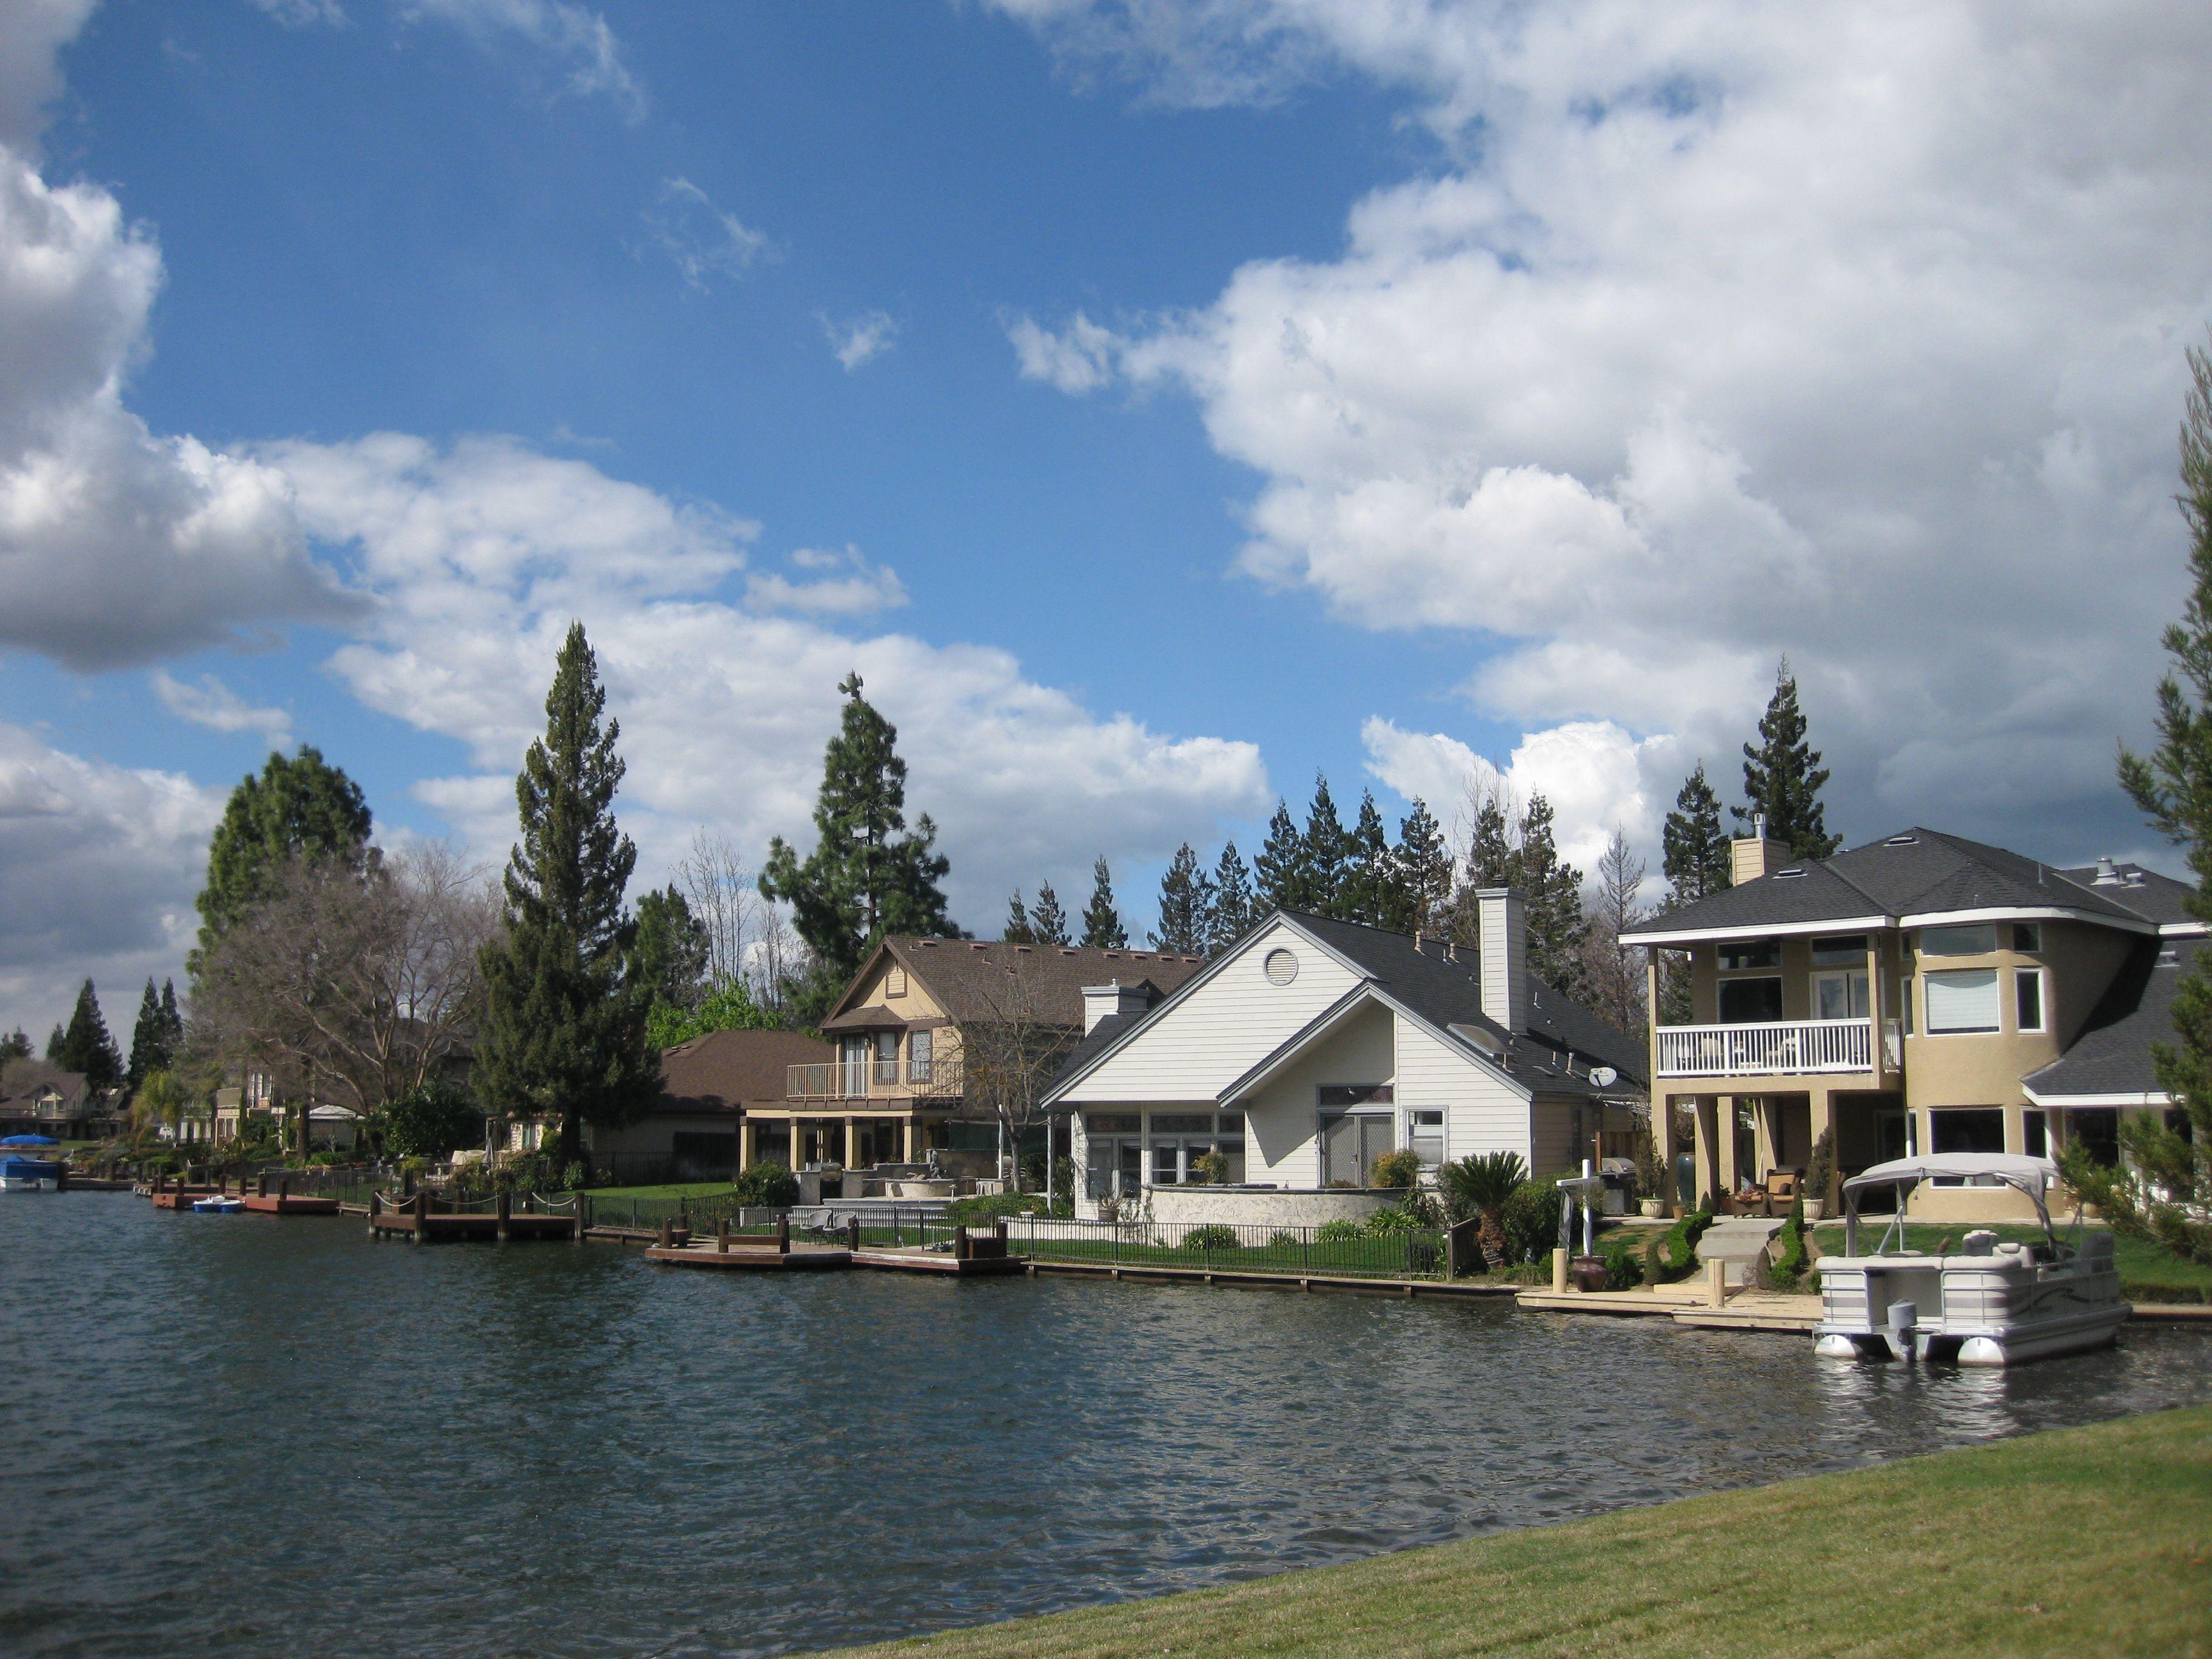 Woodward Lake Fresno Ca Qualityinnfresno Fresno California